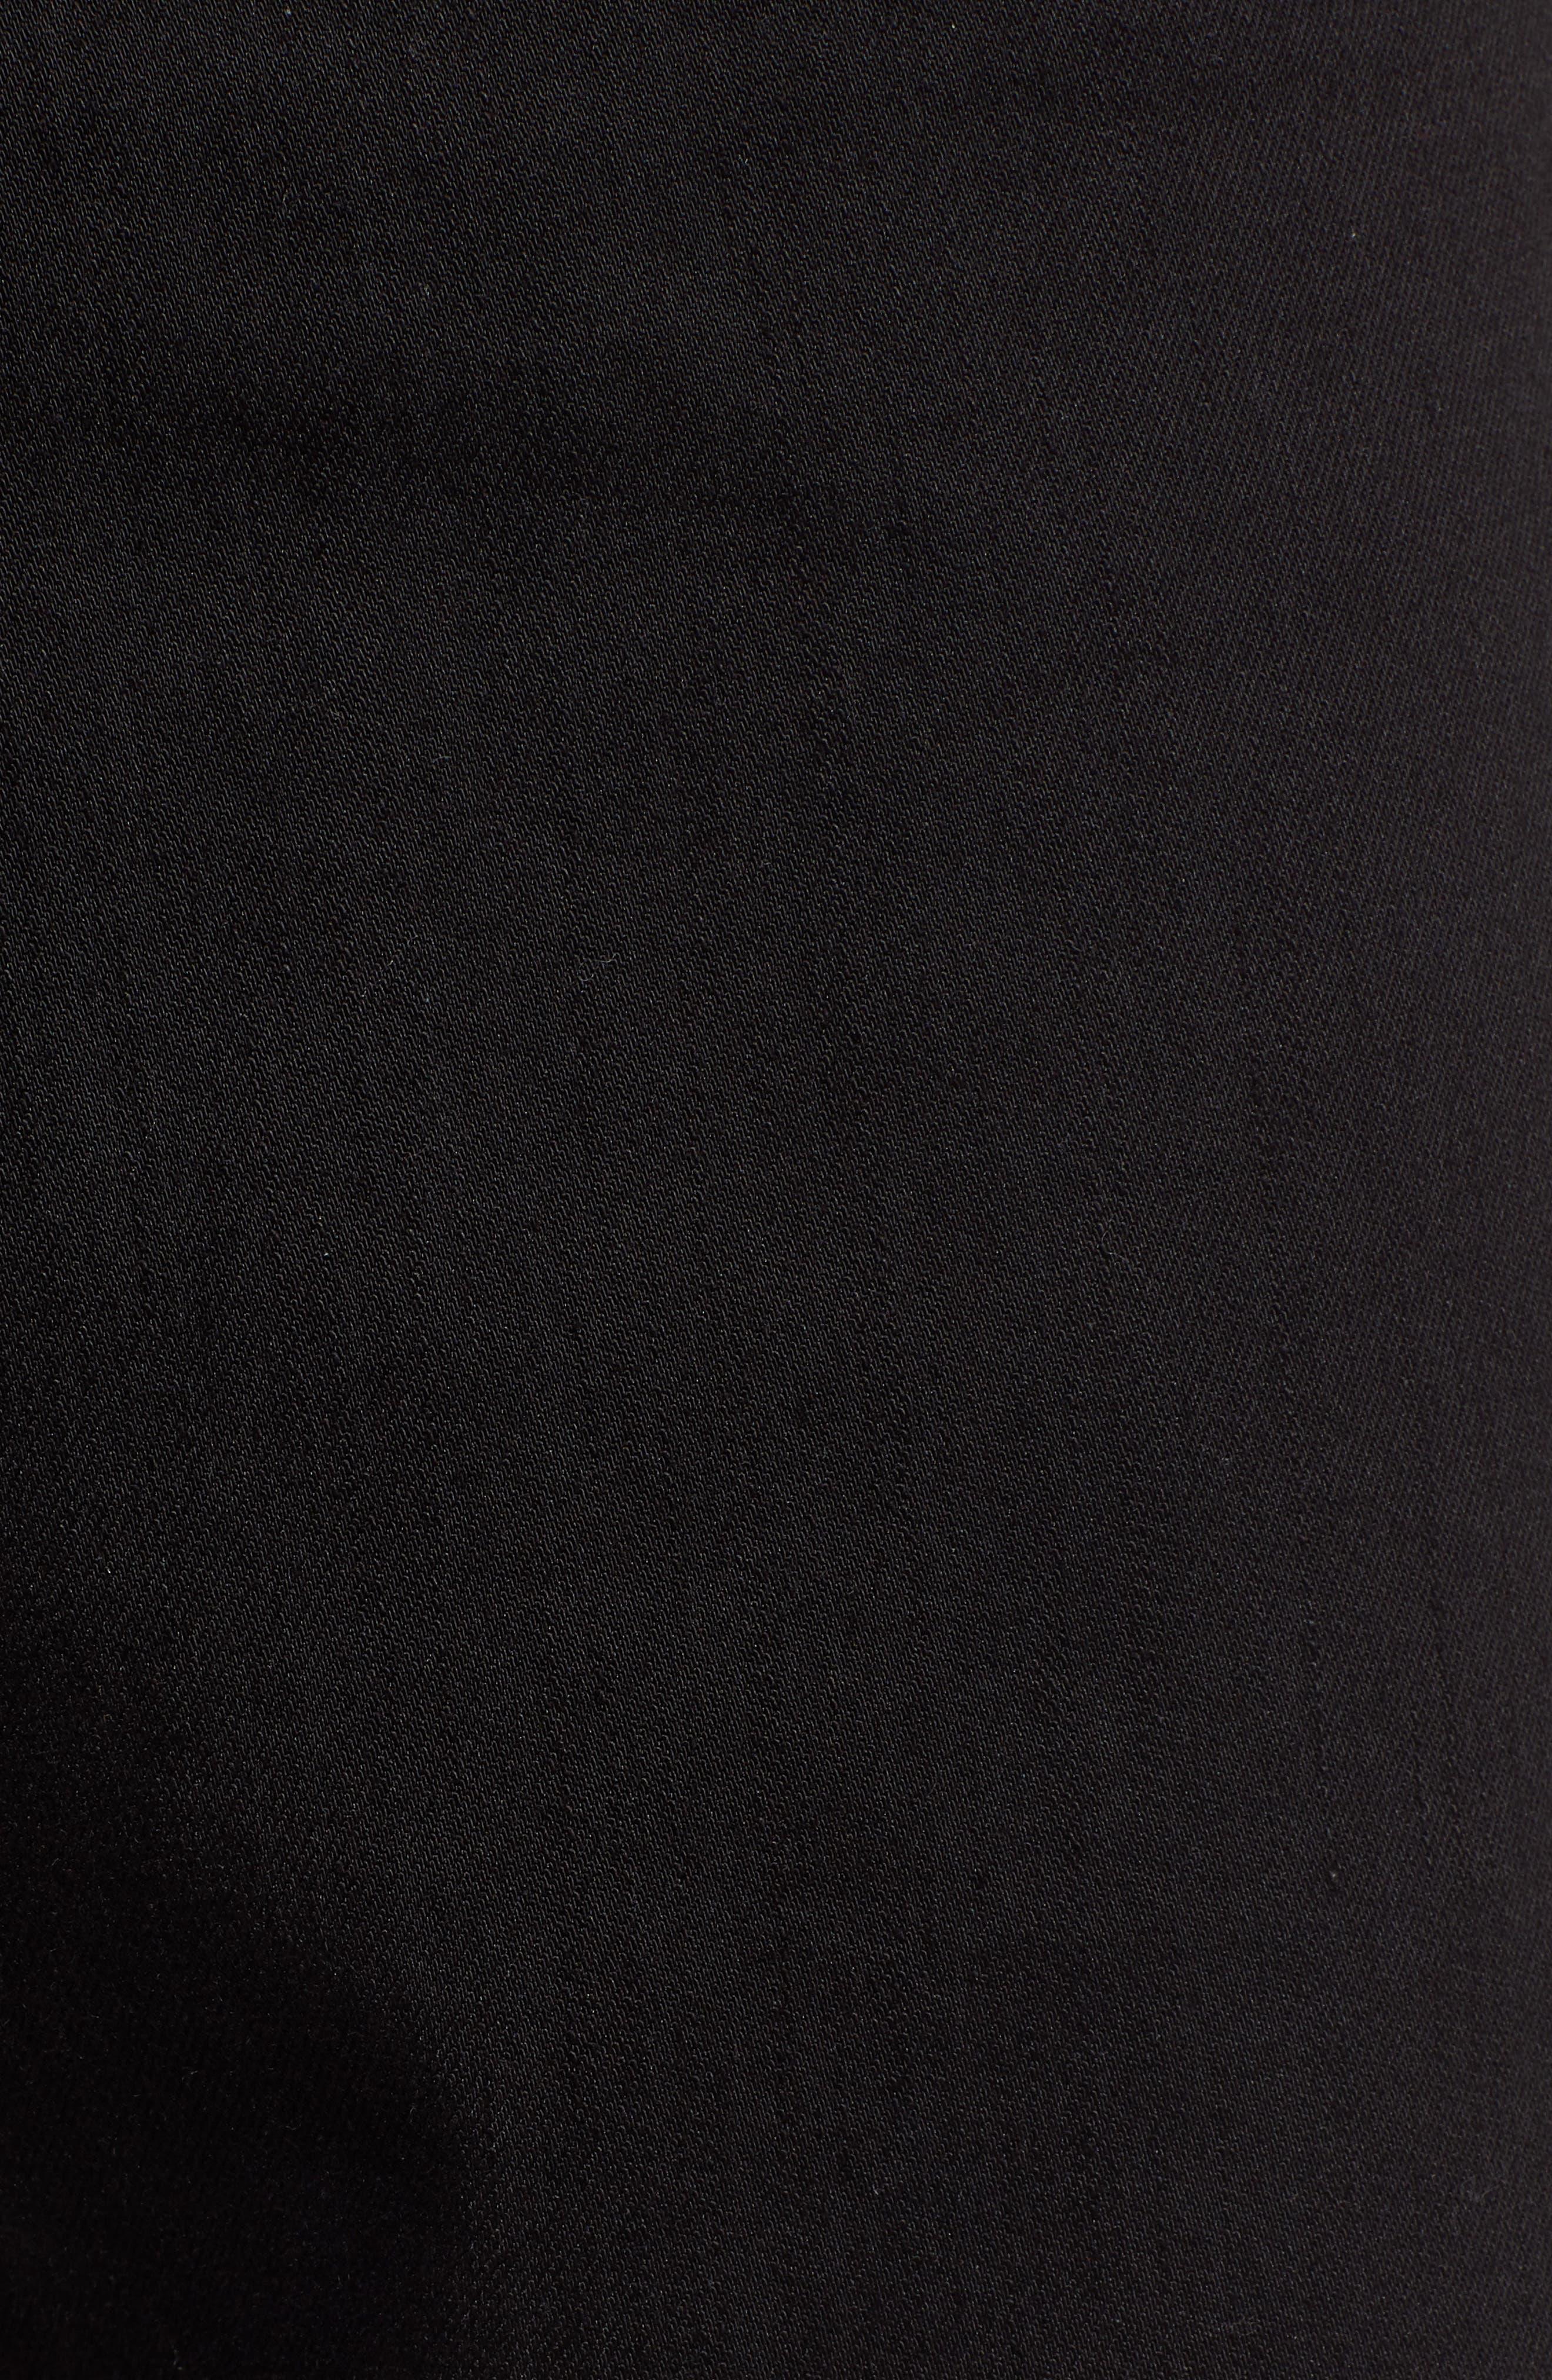 Kinkade Slim Fit Jeans,                             Alternate thumbnail 5, color,                             TOUGH BLACK